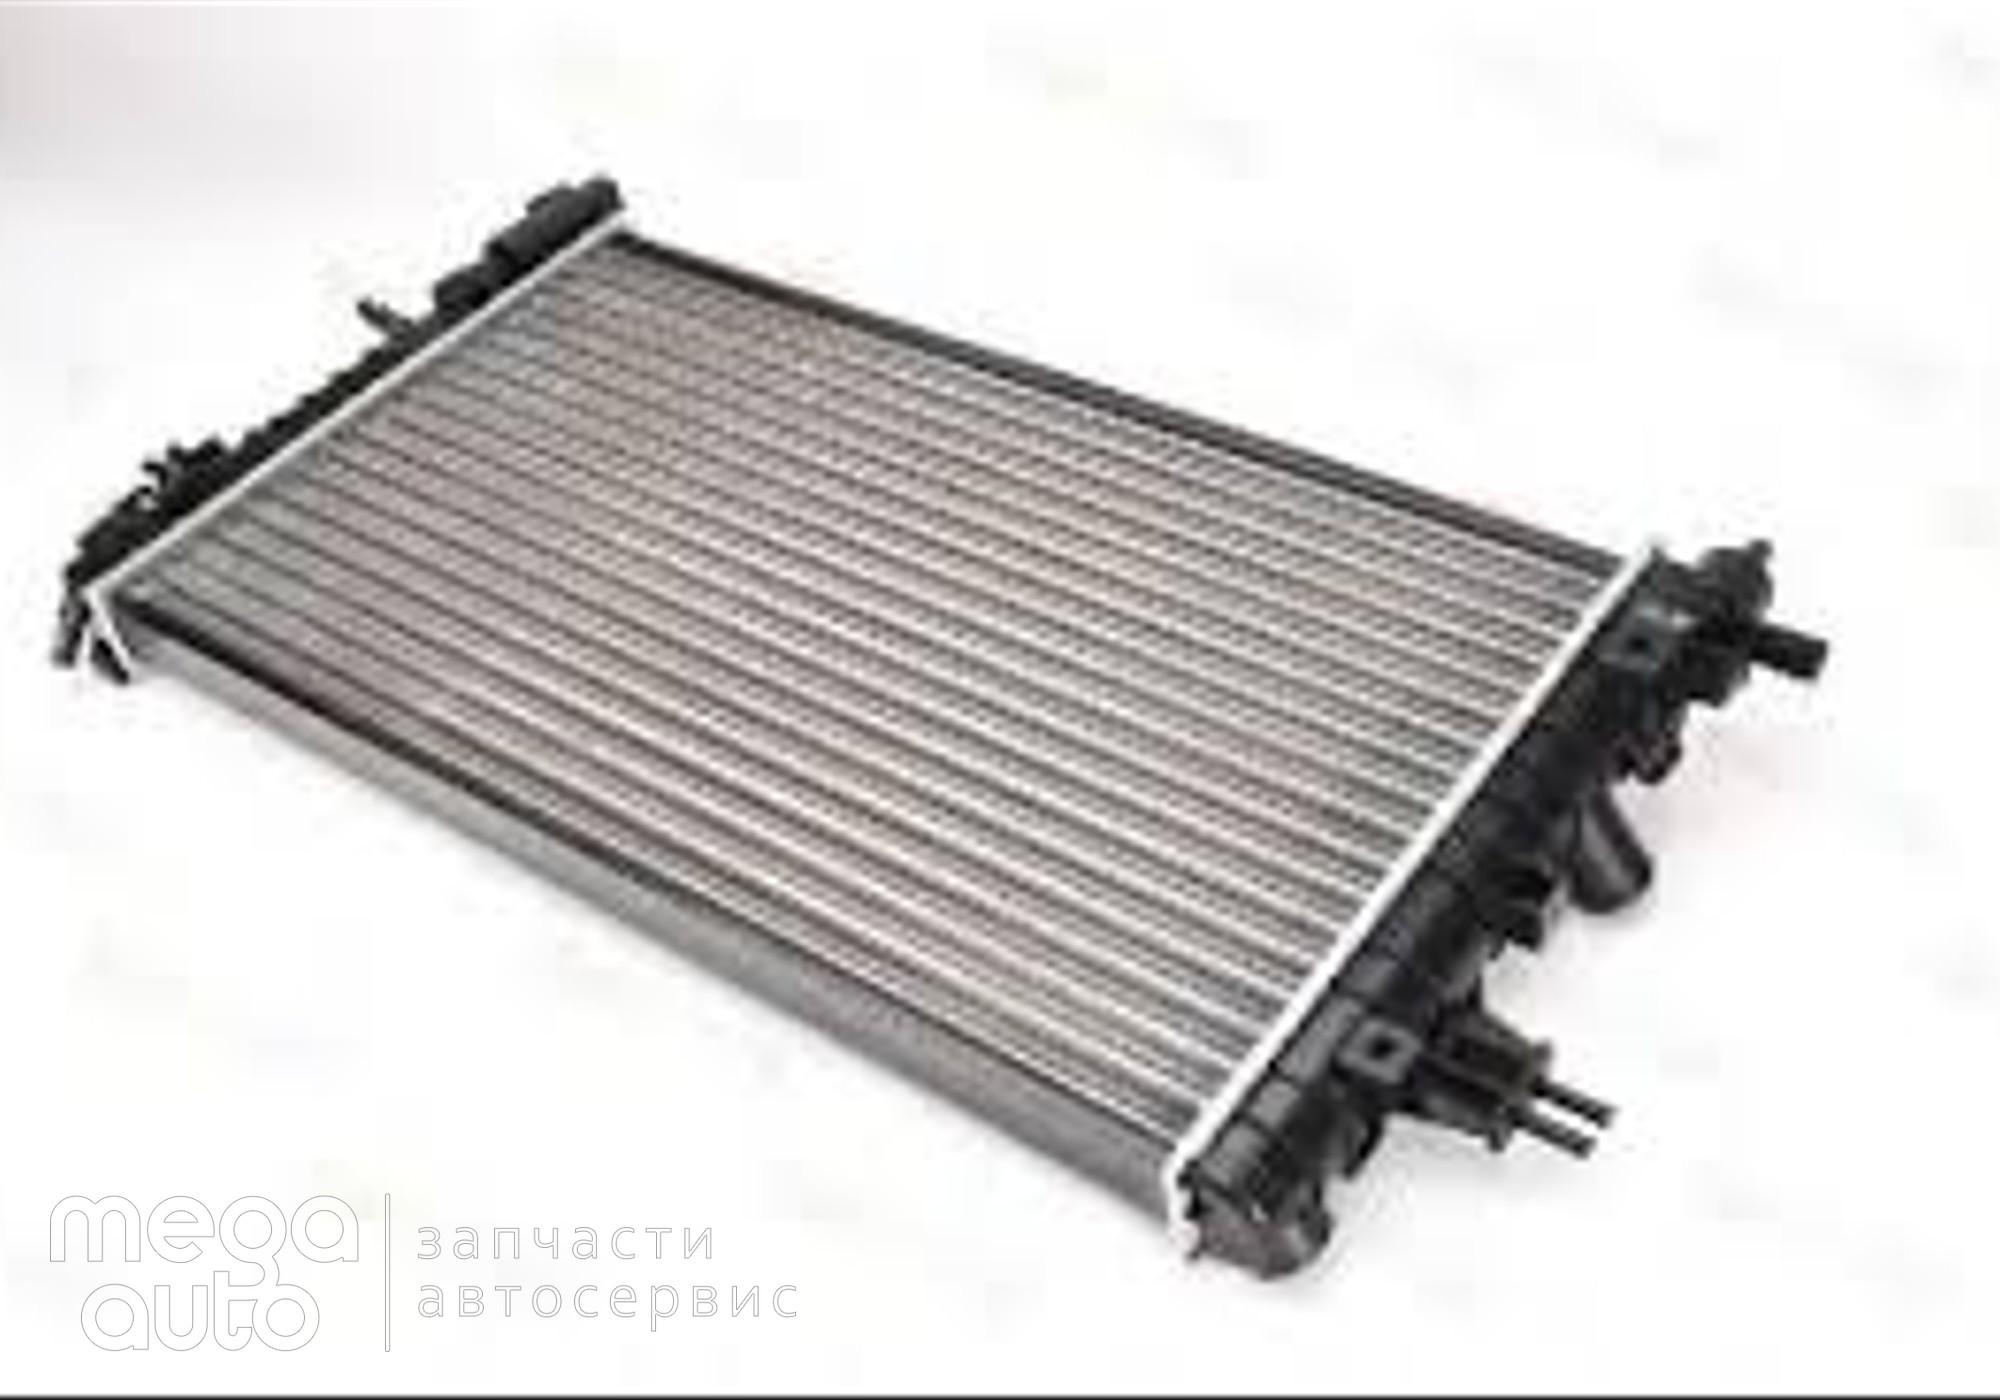 1300266 Радиатор системы охлаждения ОПЕЛЬ Н 2004 Г для Opel Zafira